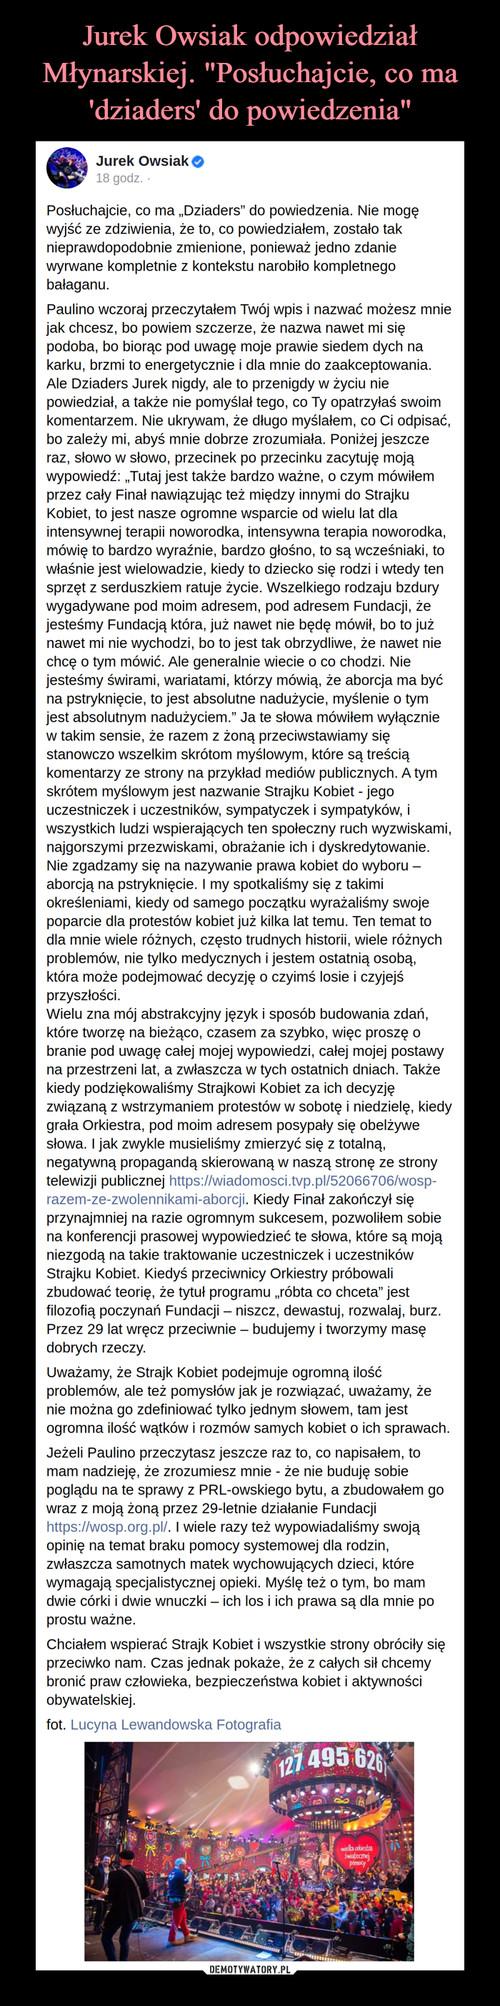 """Jurek Owsiak odpowiedział Młynarskiej. """"Posłuchajcie, co ma 'dziaders' do powiedzenia"""""""